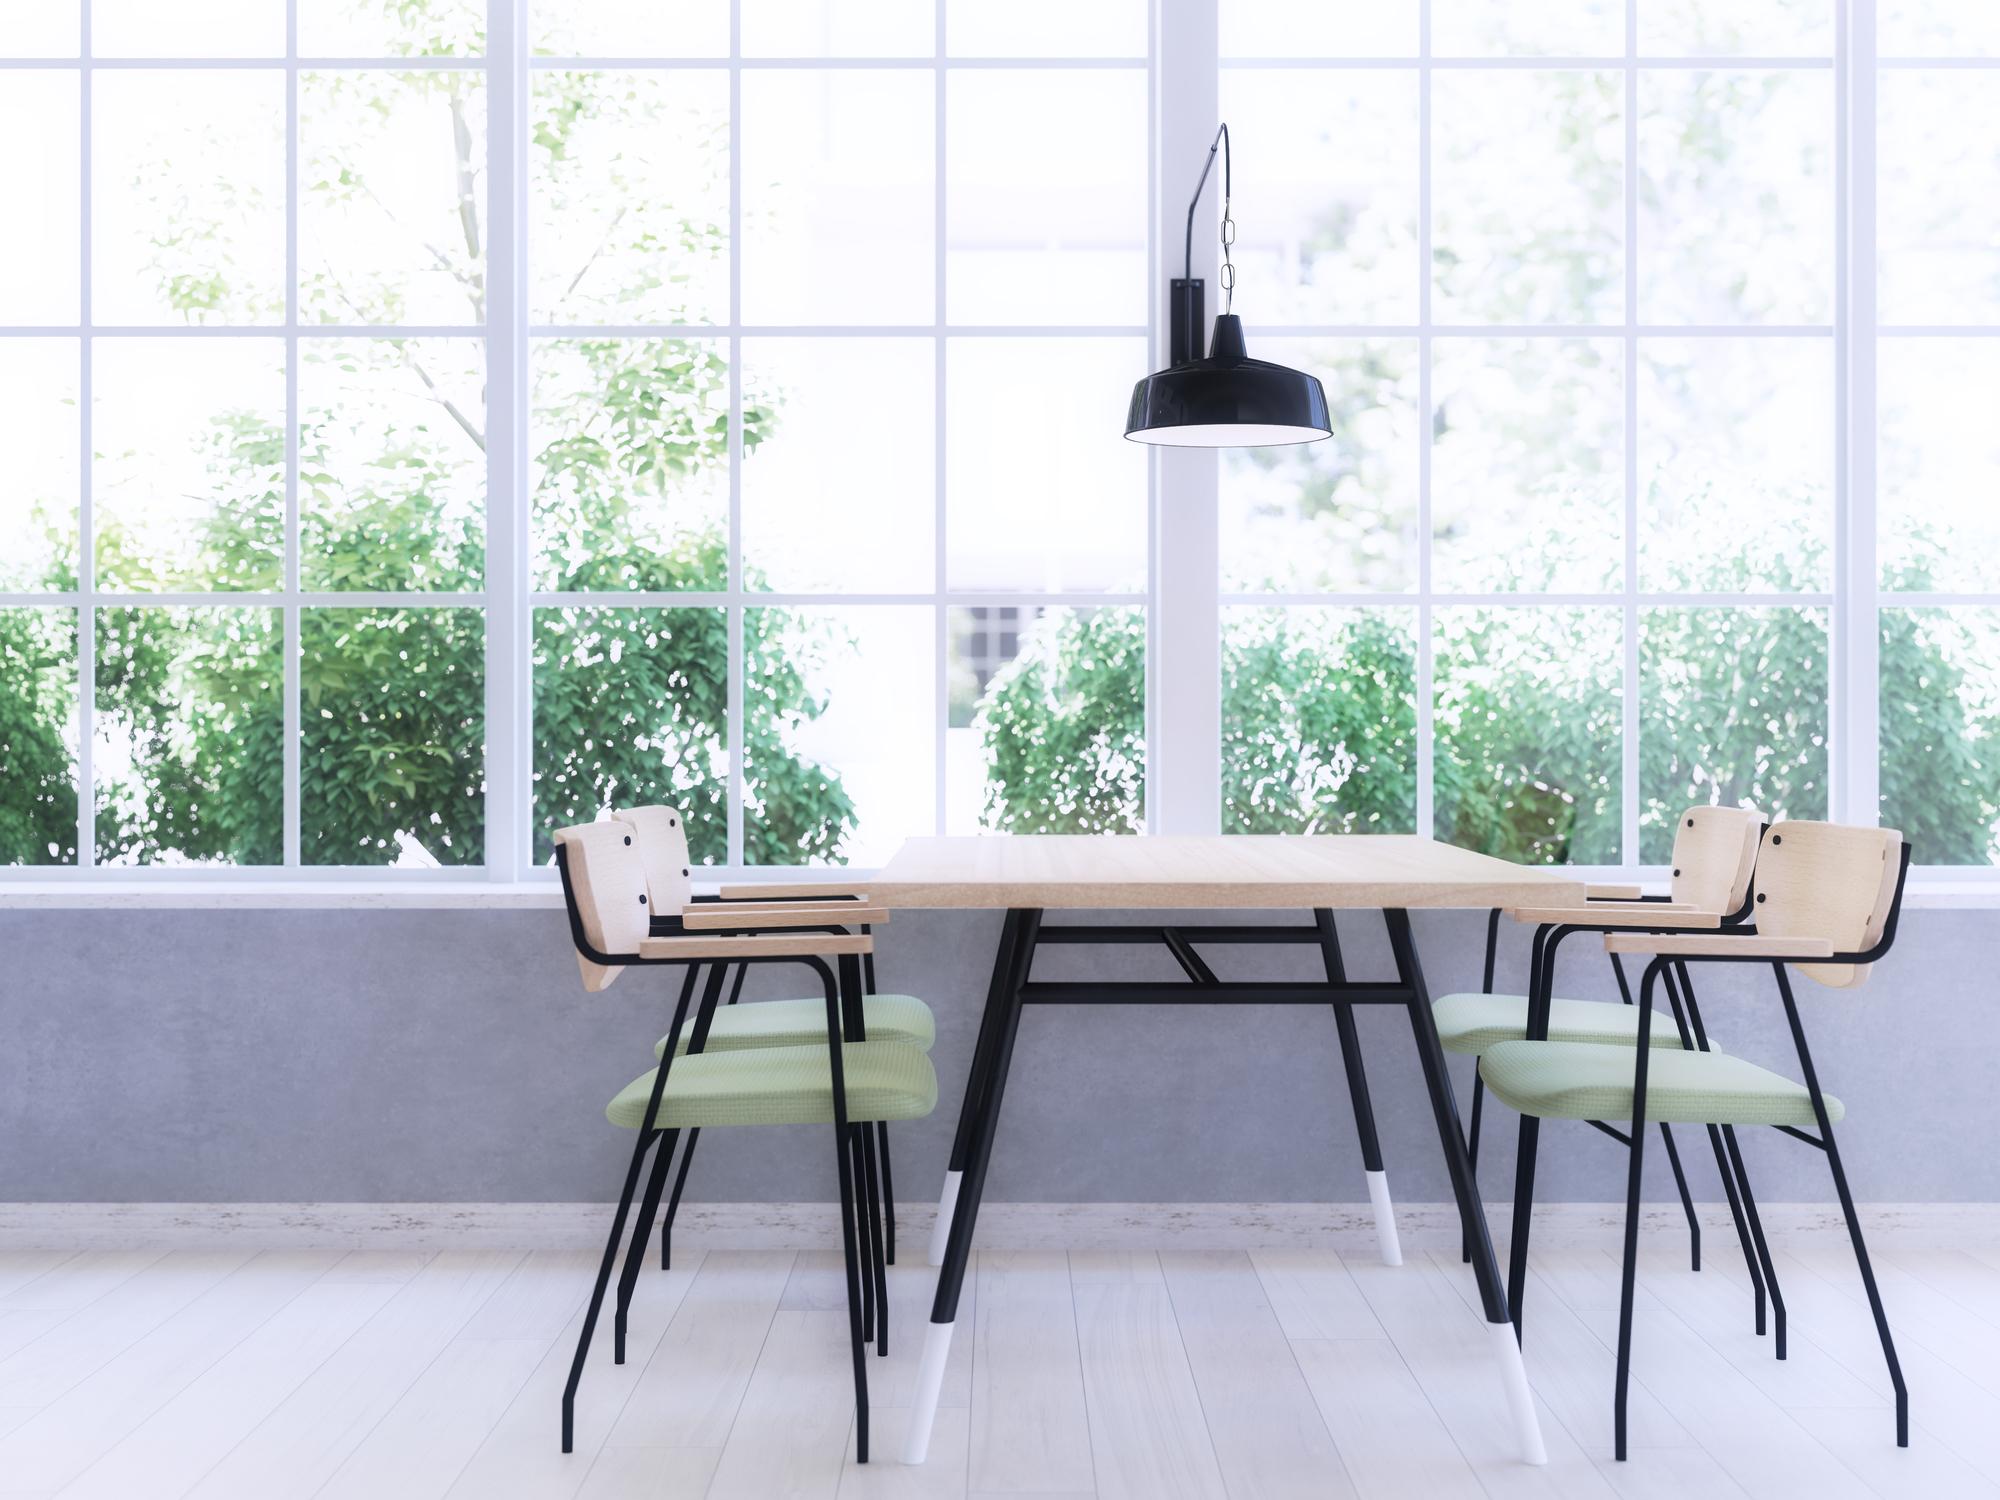 高品質の家具が置かれたダイニング